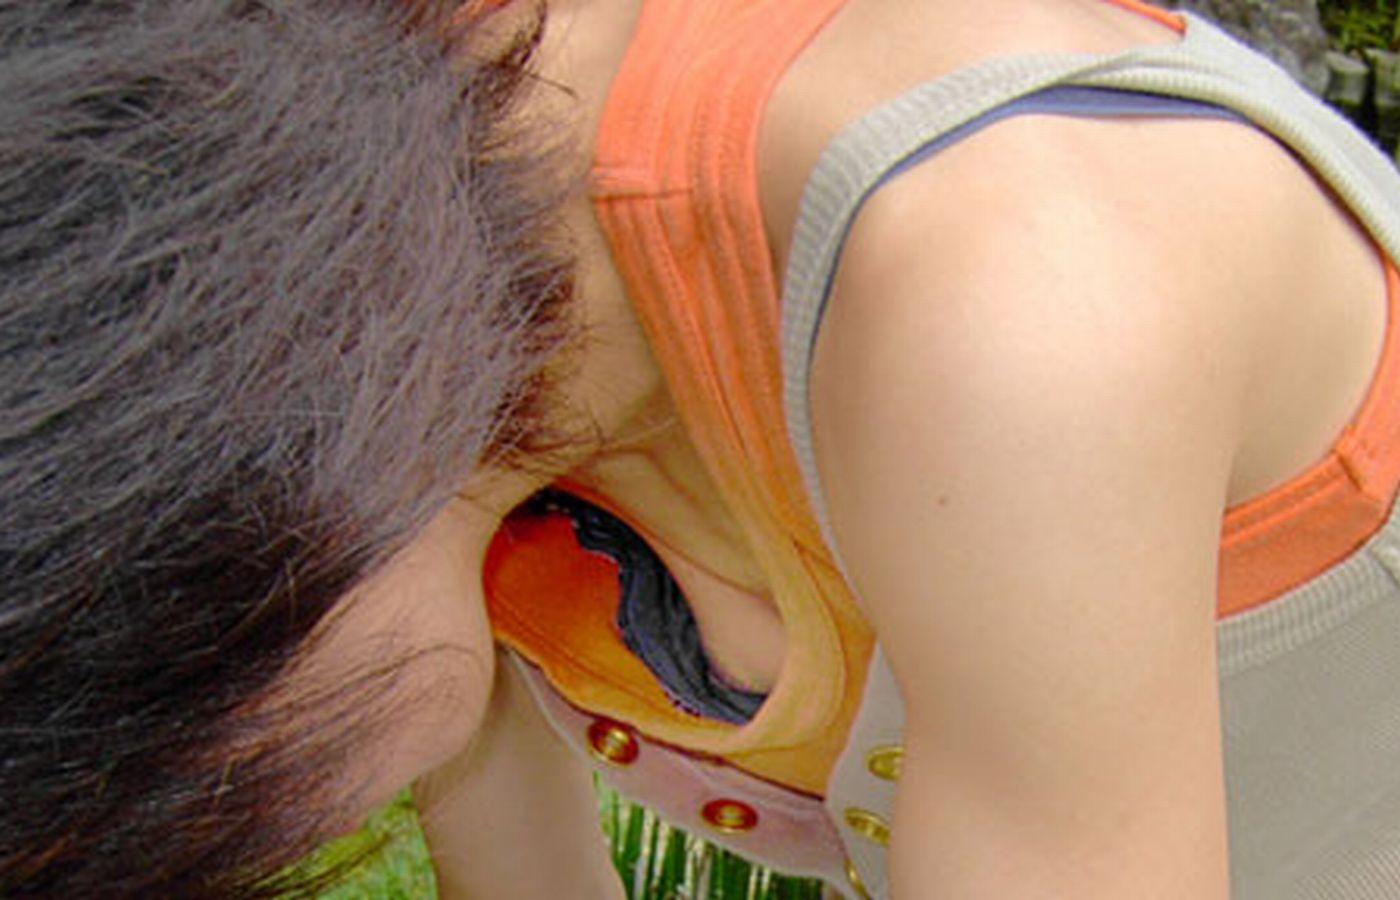 【胸チラエロ画像】貧乳娘がやらかした恥ずかしい黒歴史…乳首まで撮られちゃった胸チラ画像 その1